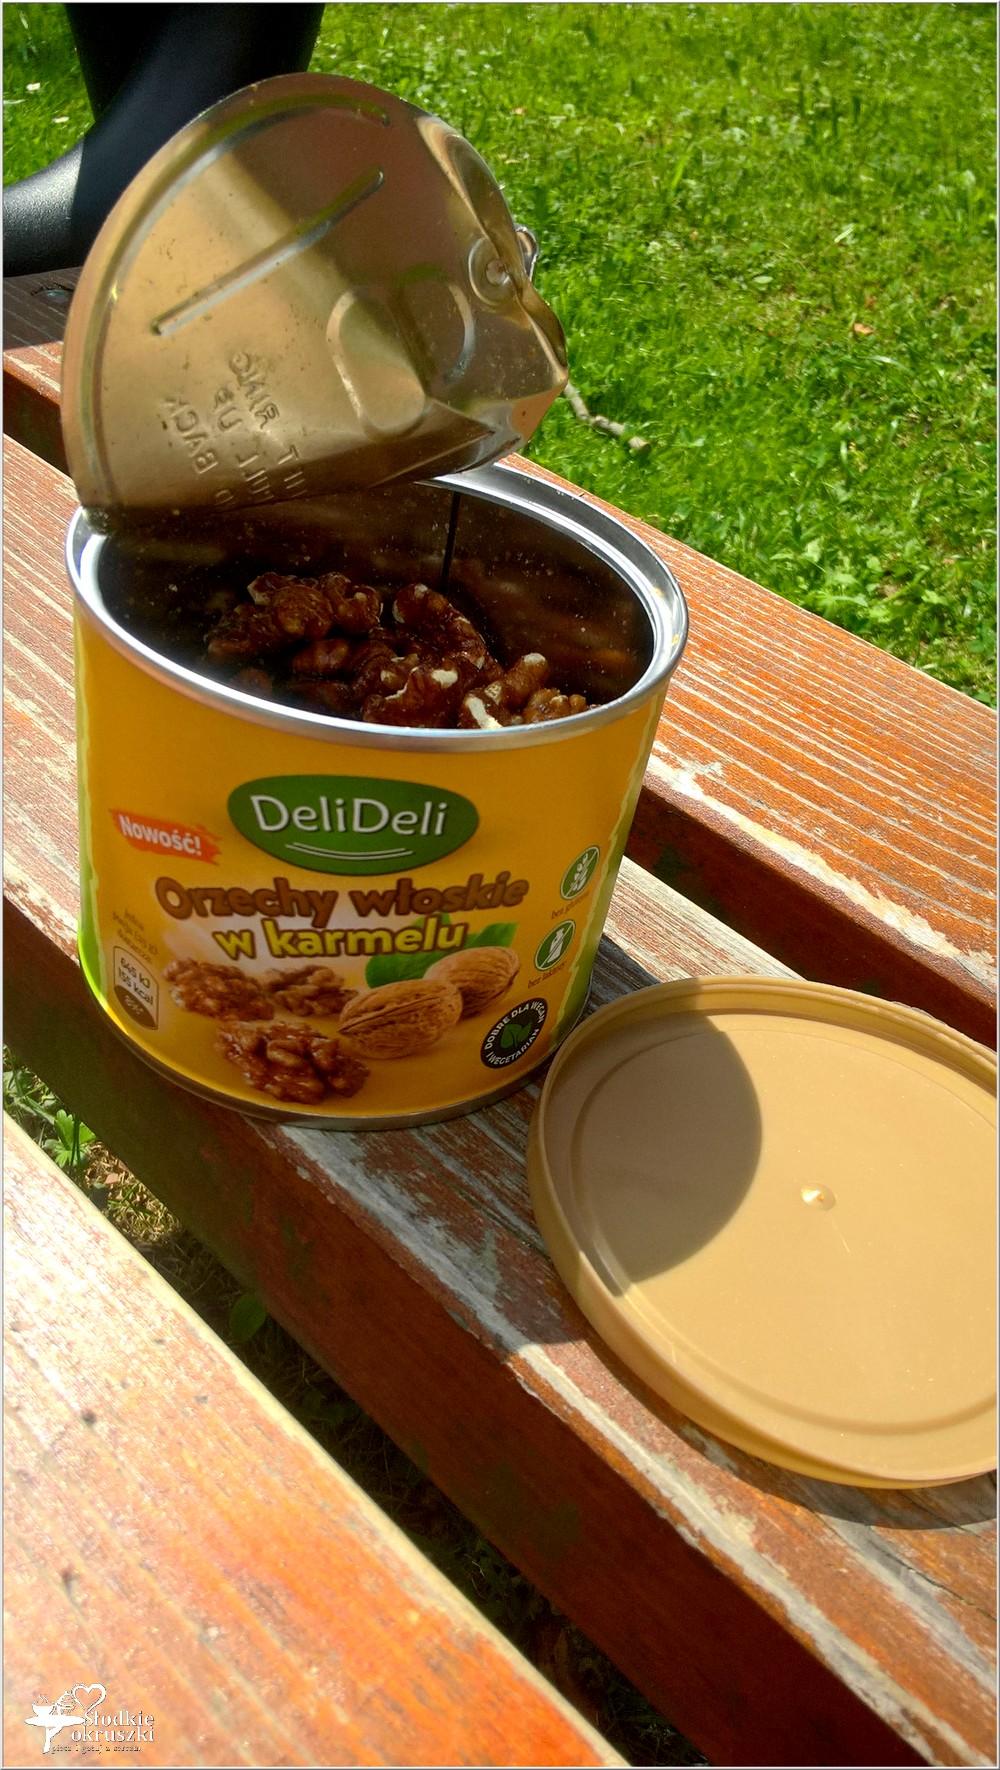 Orzechy włoskie w karmelu DeliDeli - idealne na każdą okazję (4)